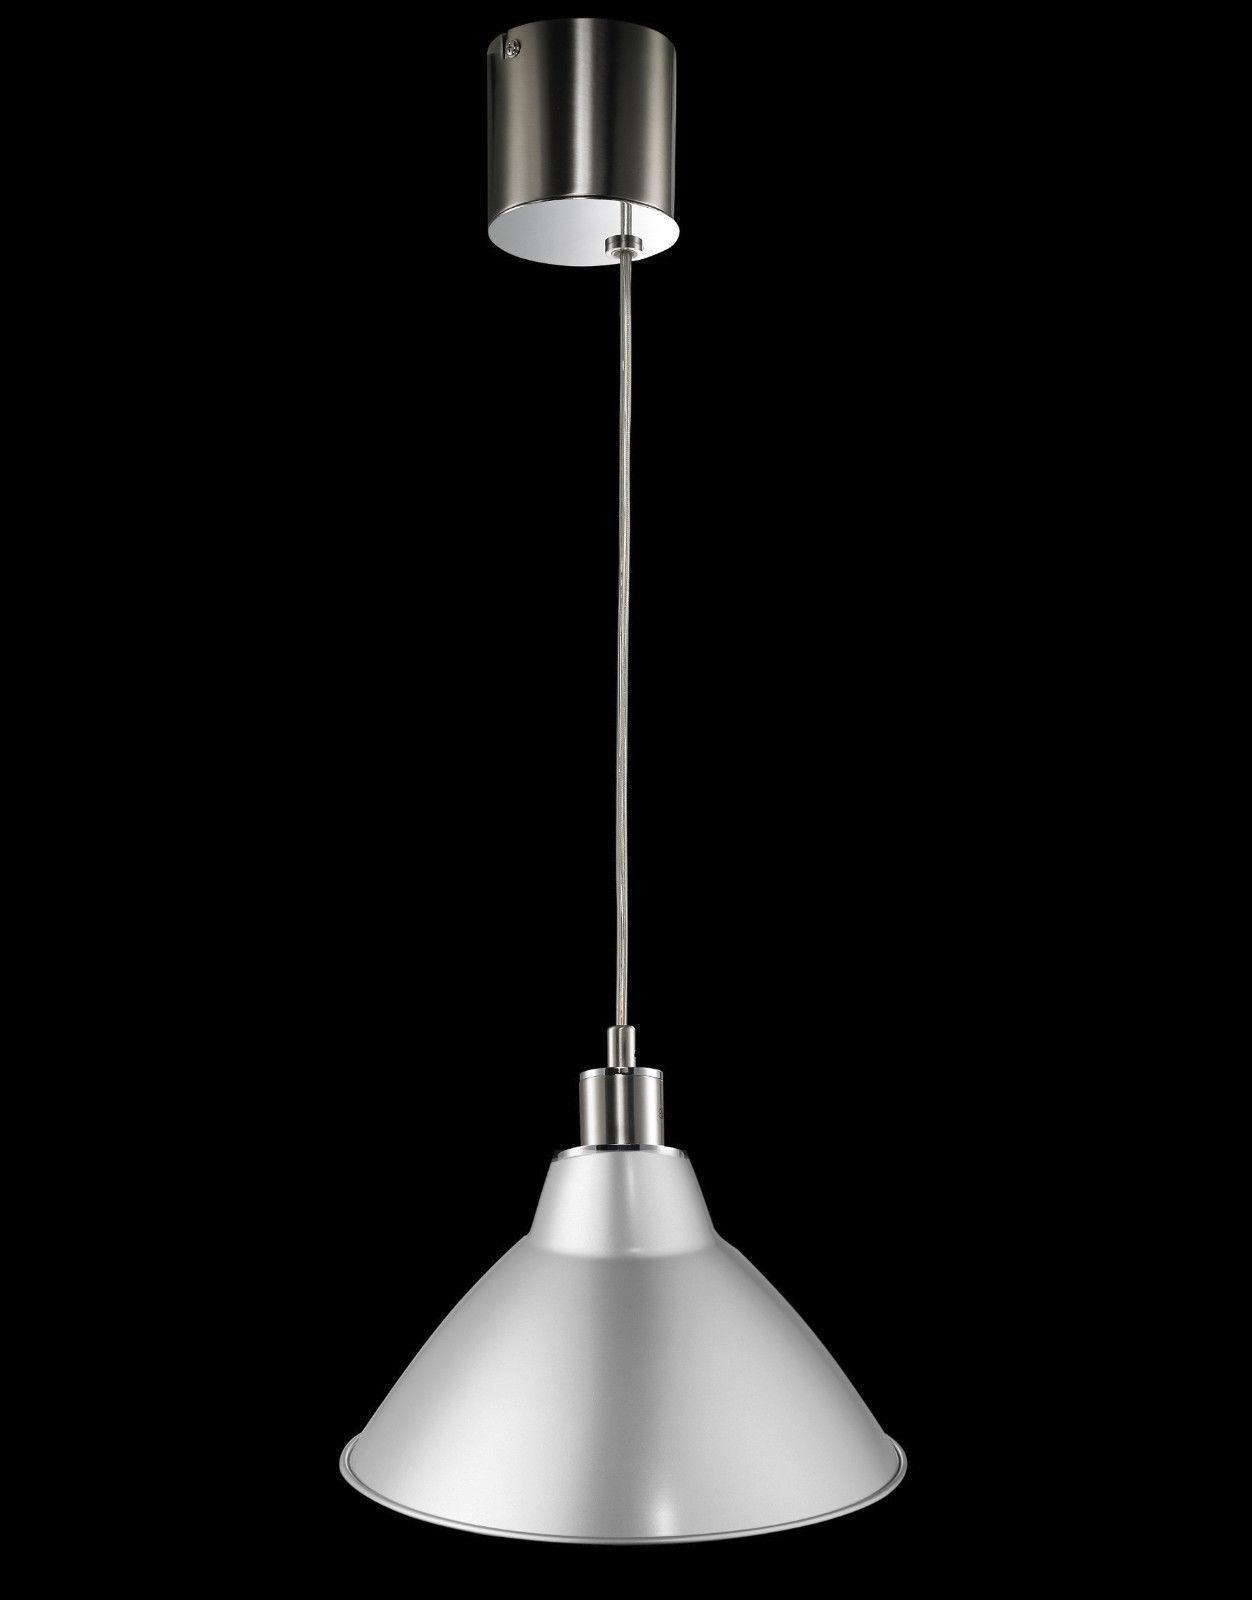 Einzigartig Retro Deckenleuchte Ideen Von Fischer Shine 13459 Pendelleuchte Leuchte Lampe Aluminium